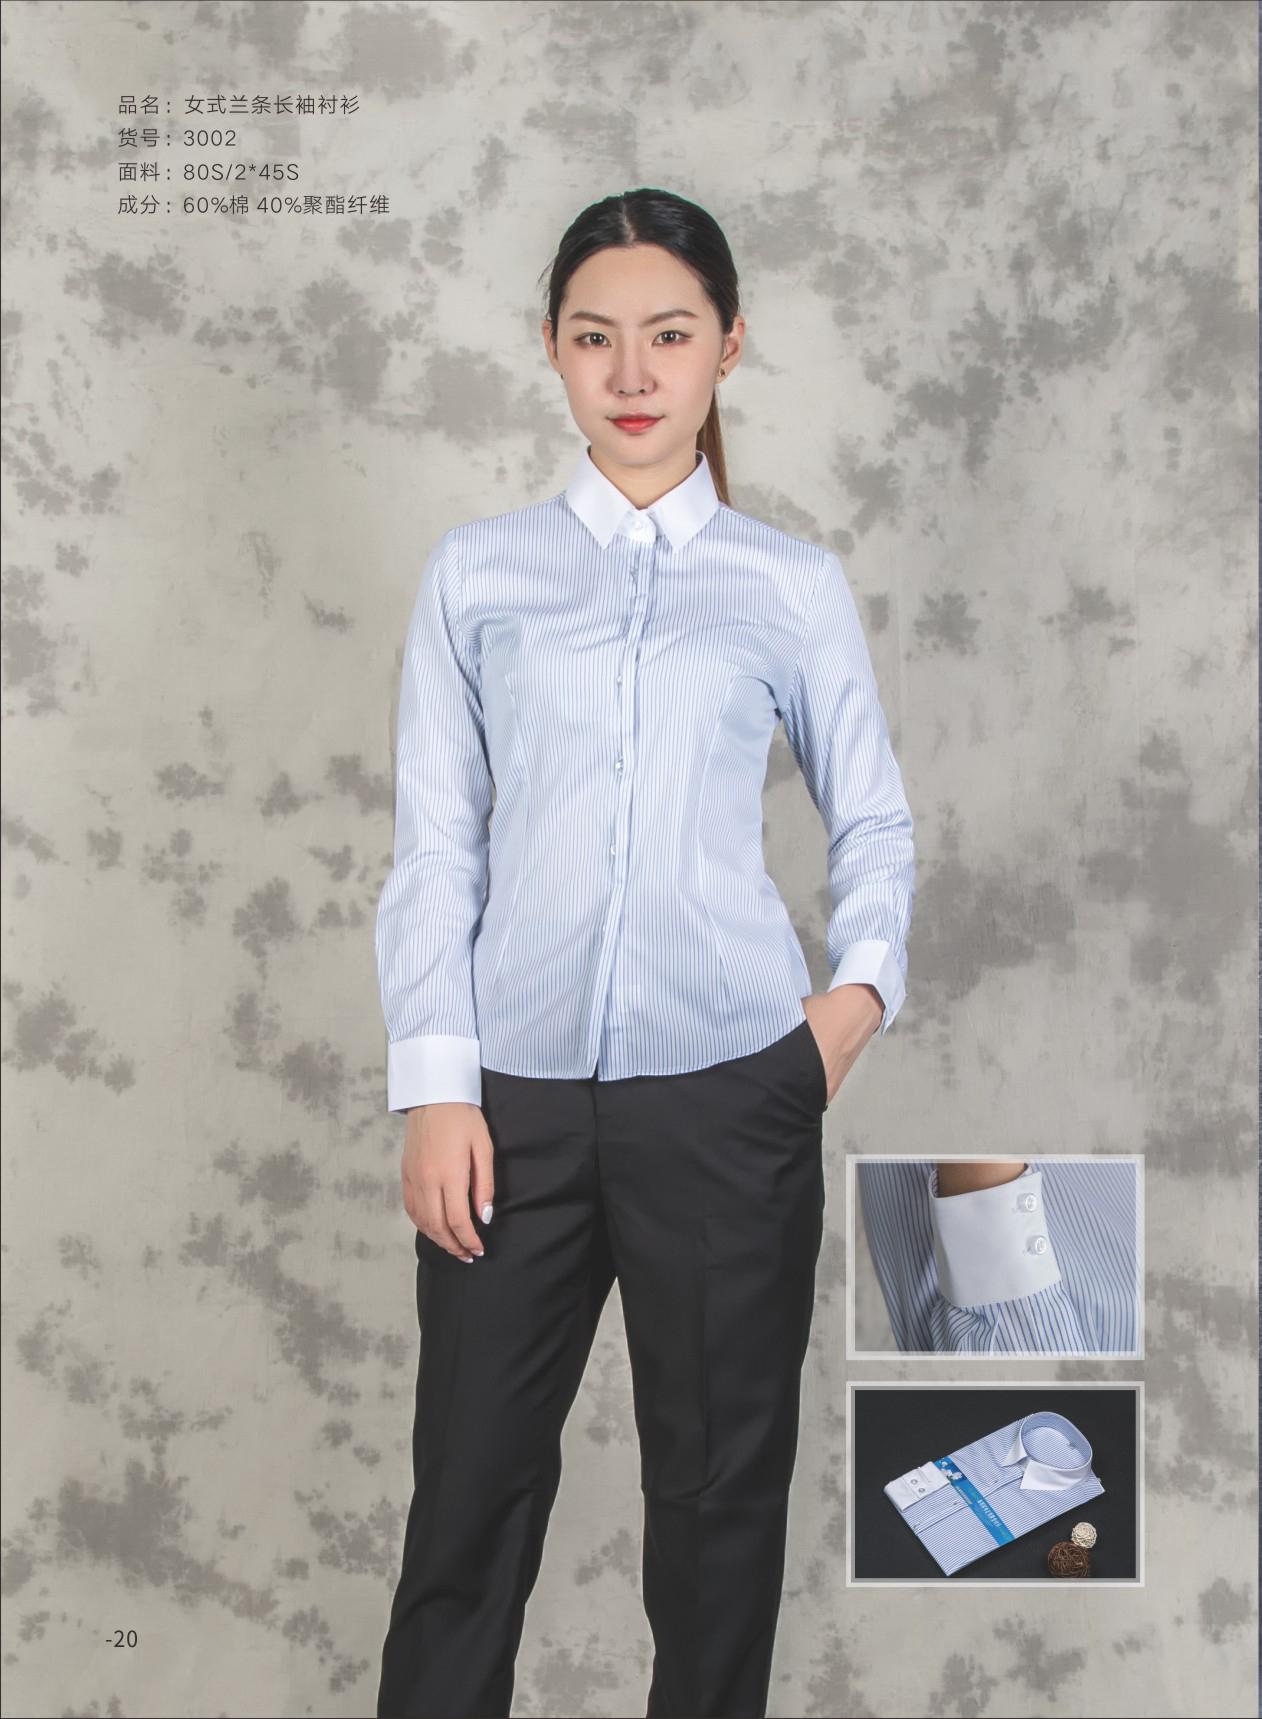 常熟优质衬衫生产基地「鑫奥翔供应」